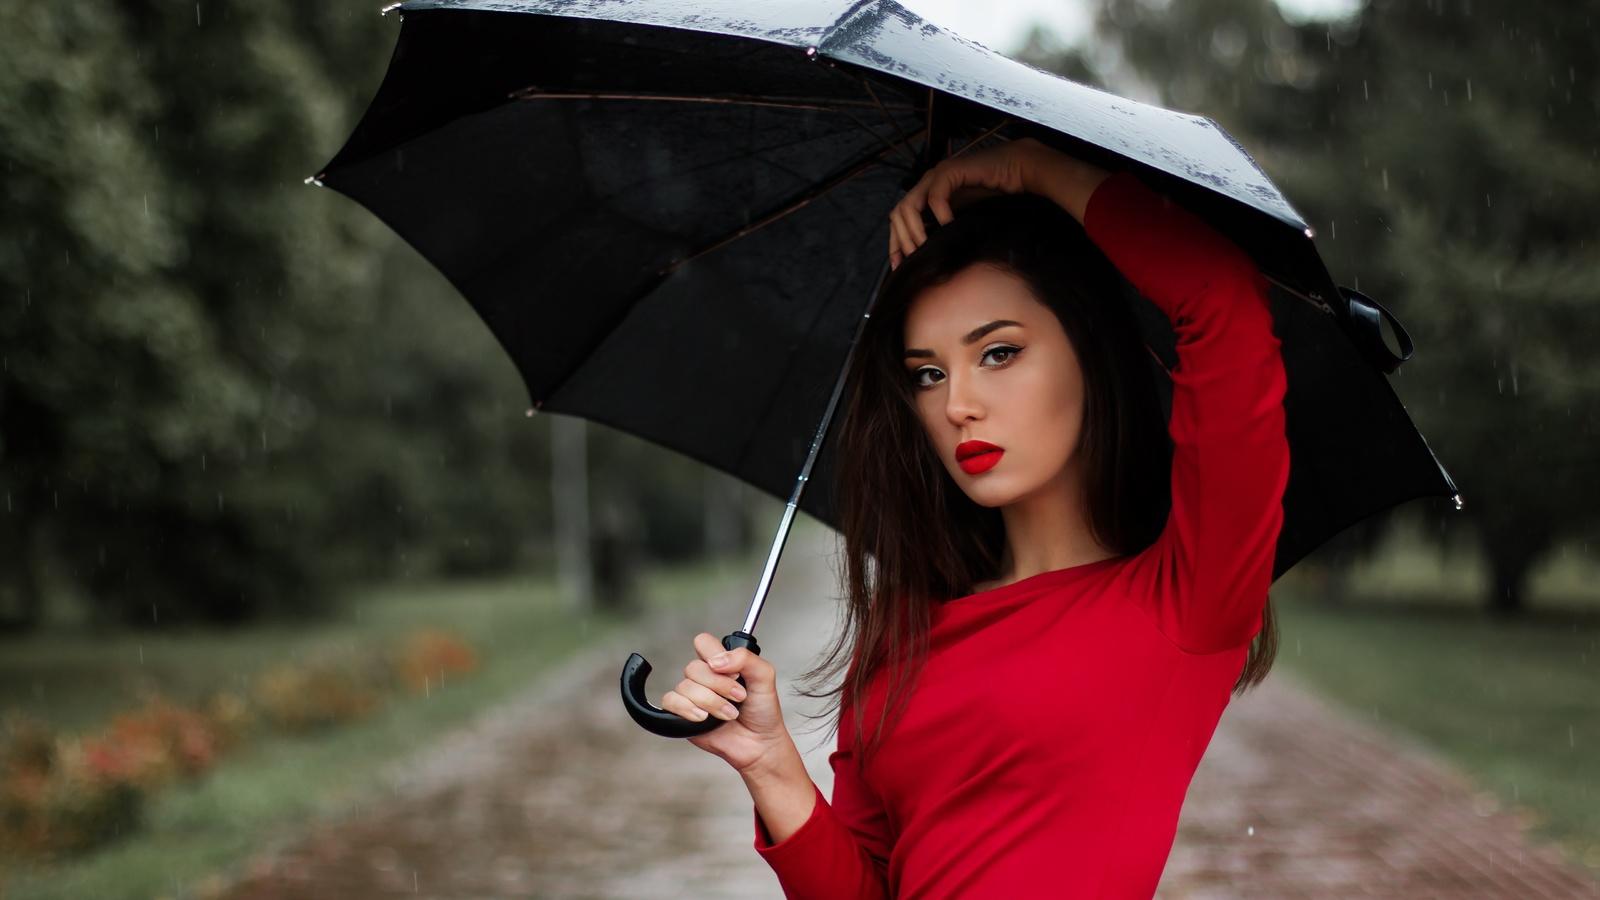 девушка, зонт, природа, боке, брюнетка, взгляд, макияж, платье, дождь